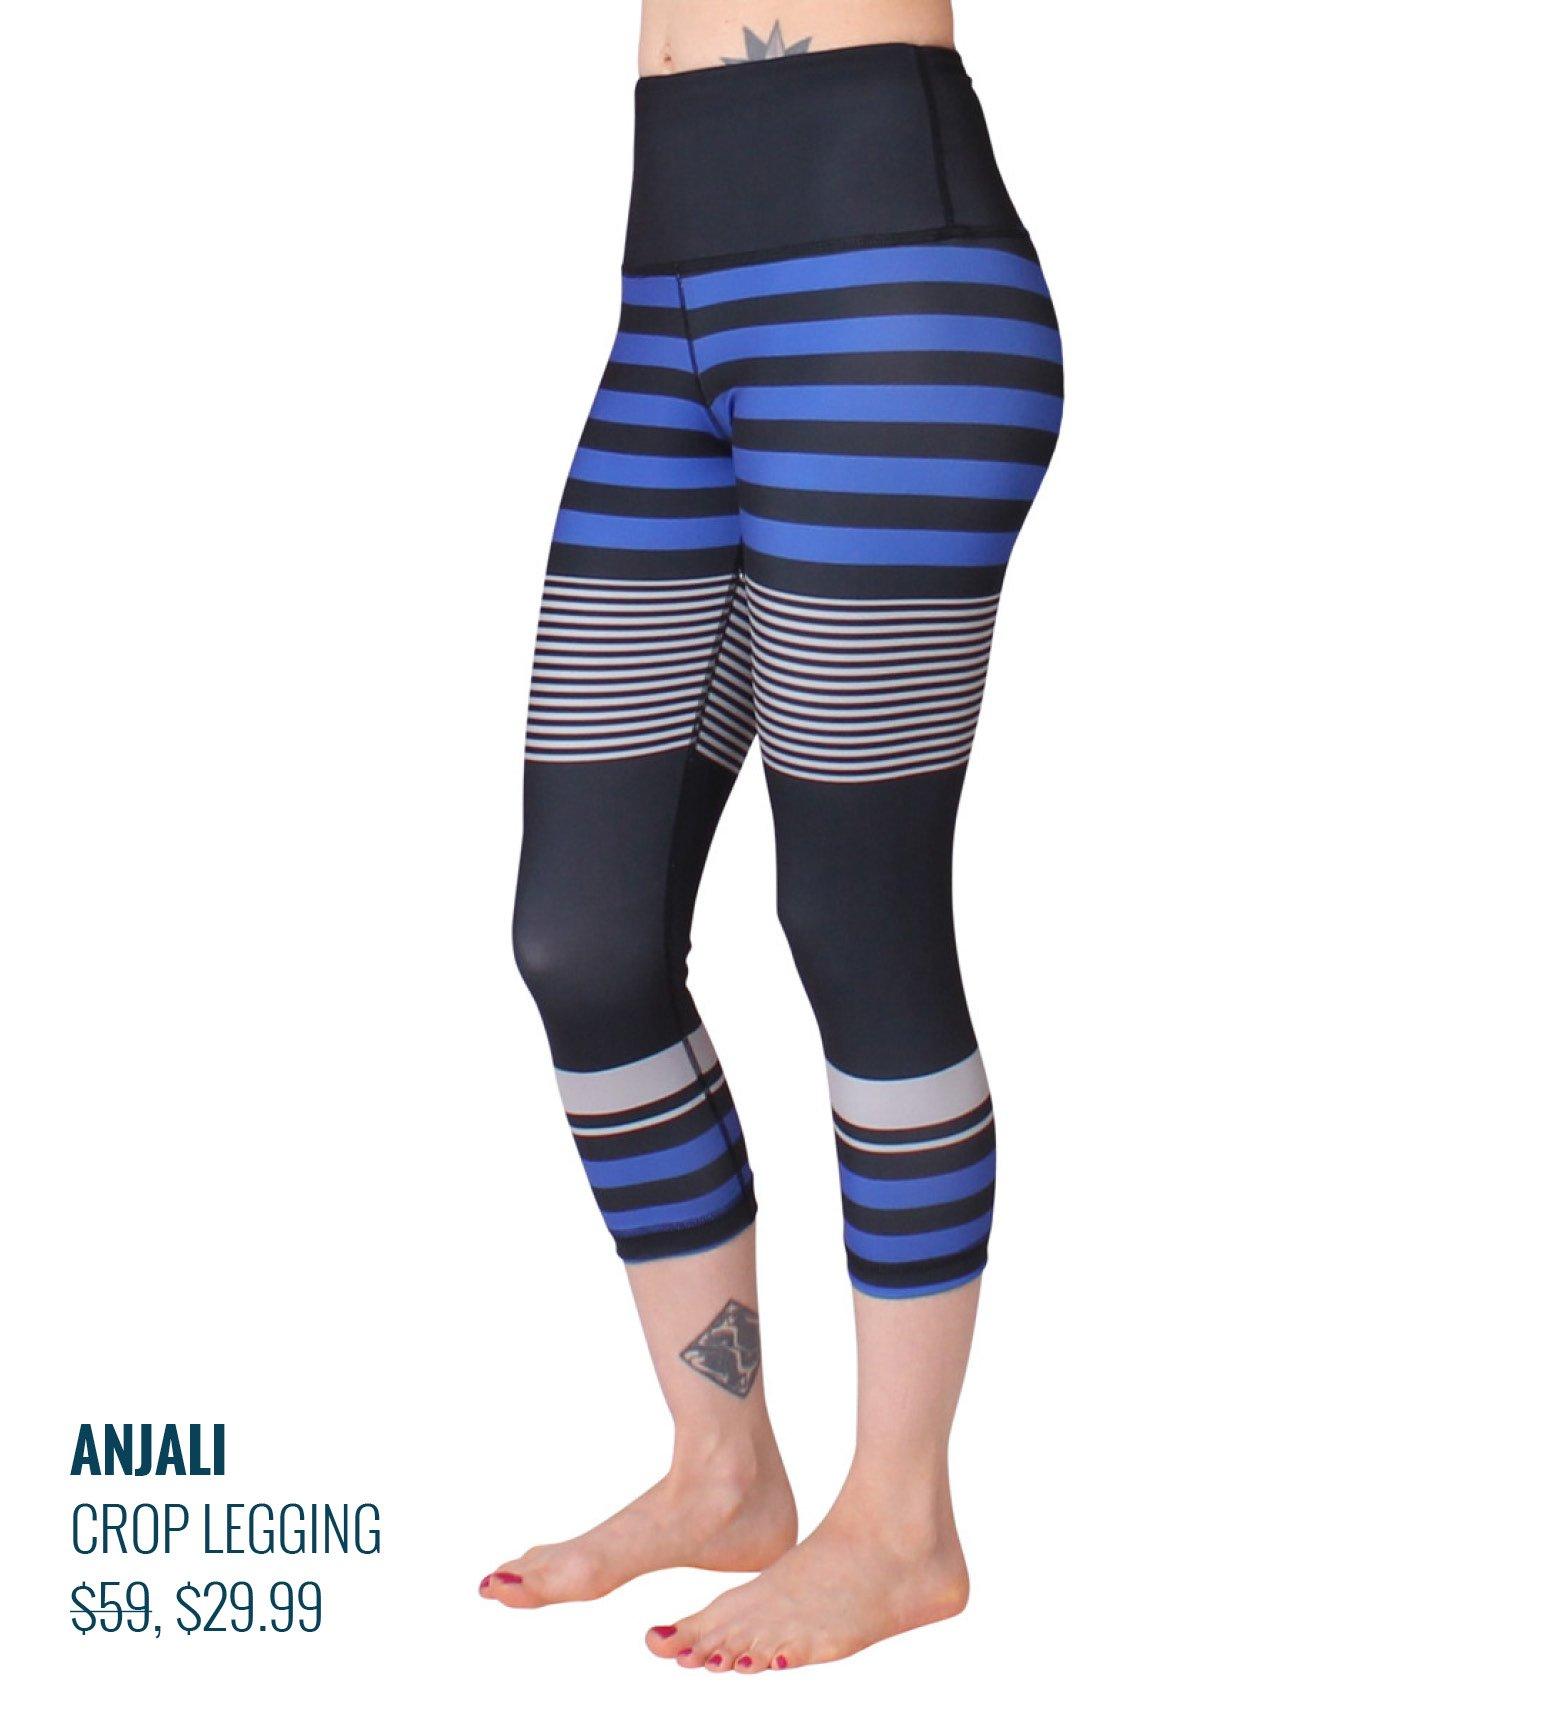 Anjali Crop Legging